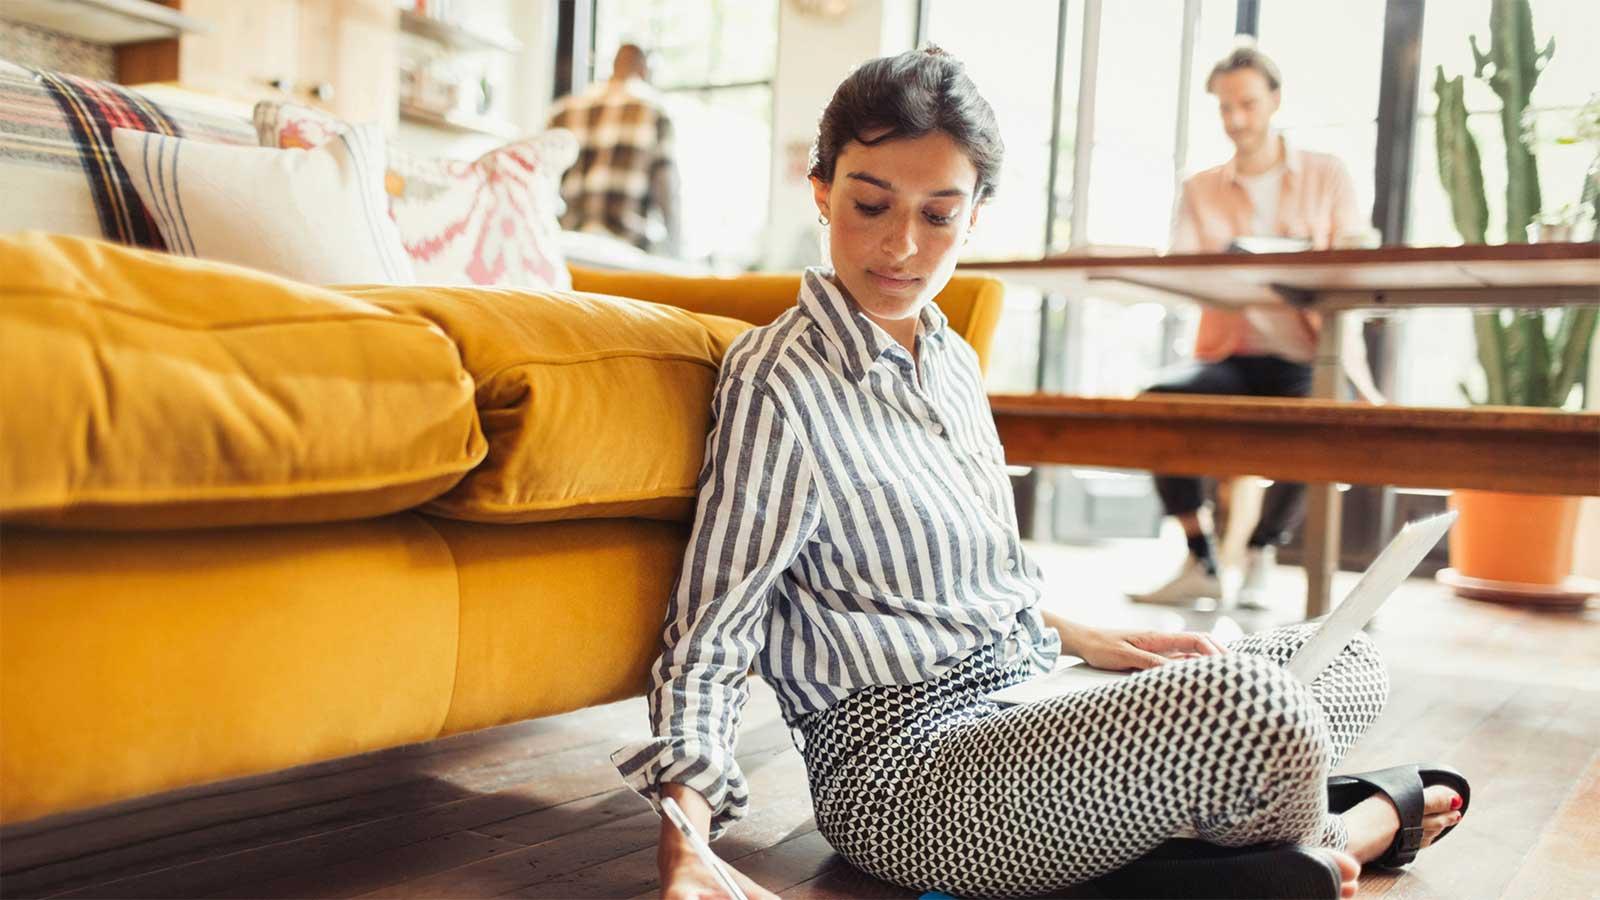 Arbeitnehmer im Wandel: 4 Erwartungen der digitalen Arbeitnehmergeneration